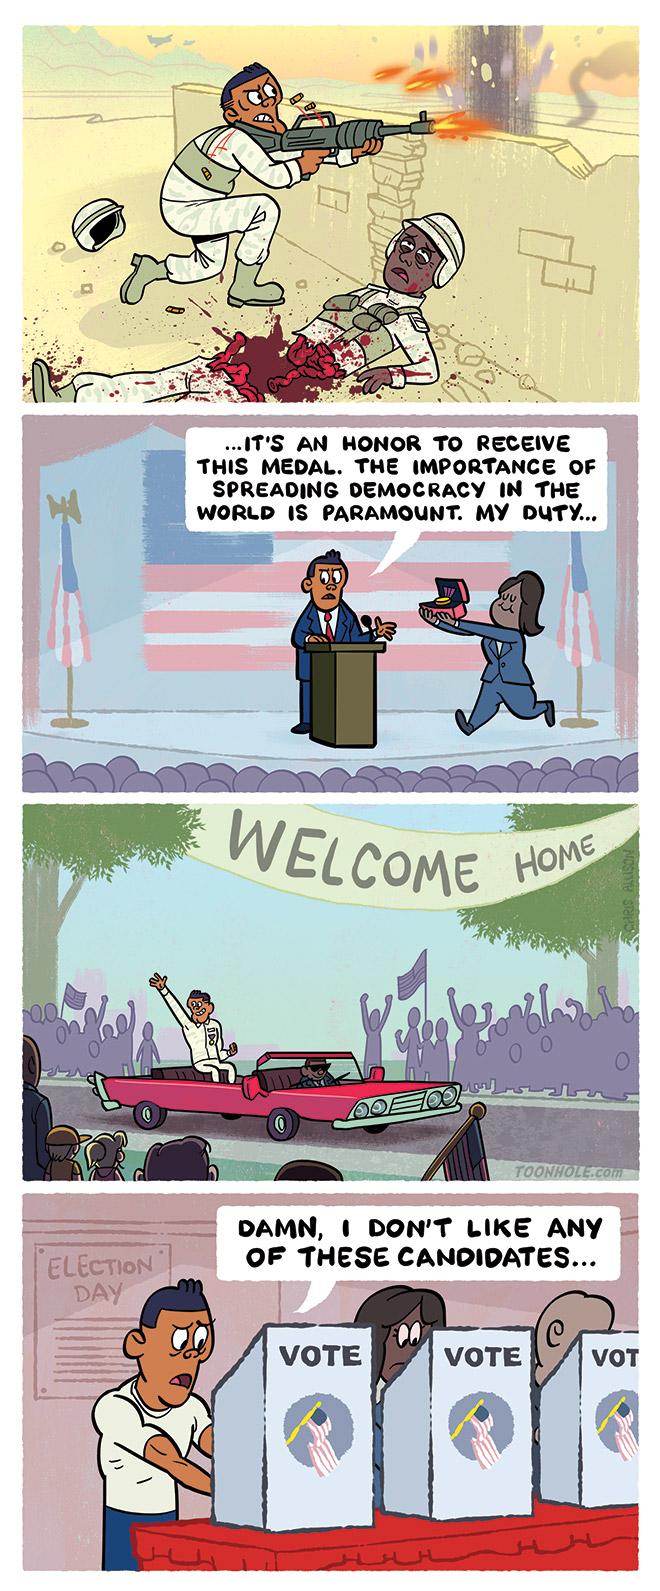 Spreading Democracy